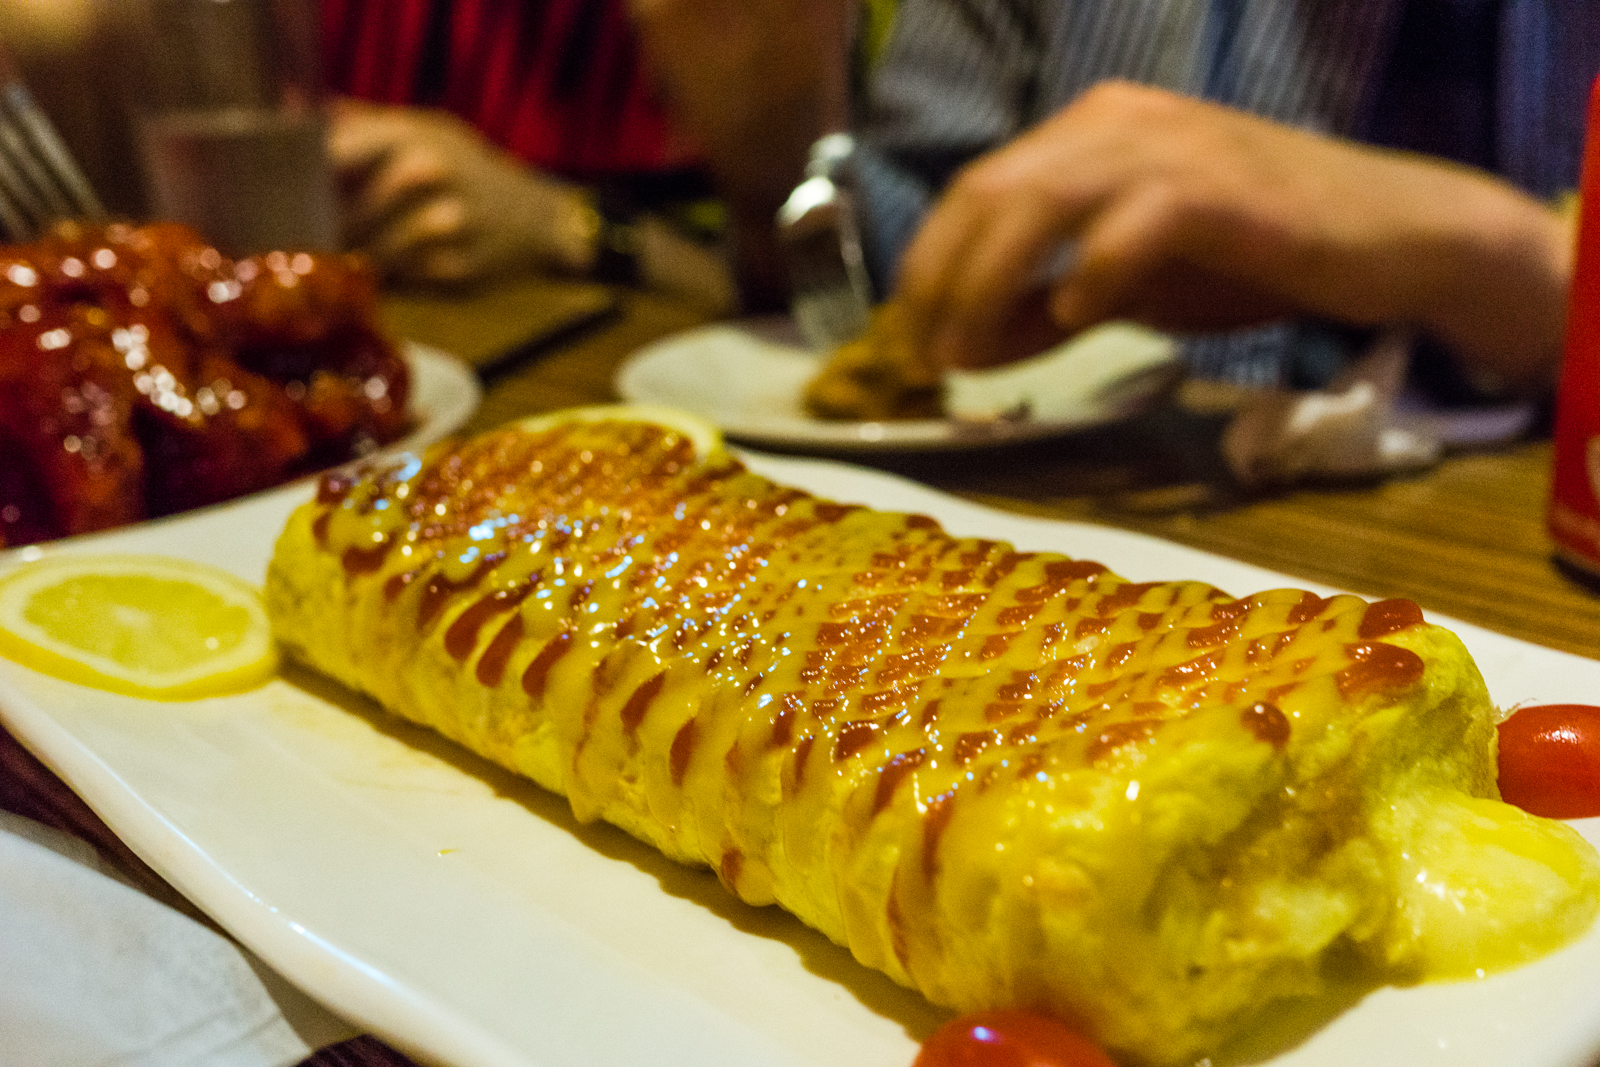 Easter-best-egg-dishes-poached-scrambled-soft-boiled-omelet-fried-deviled-yolks-29